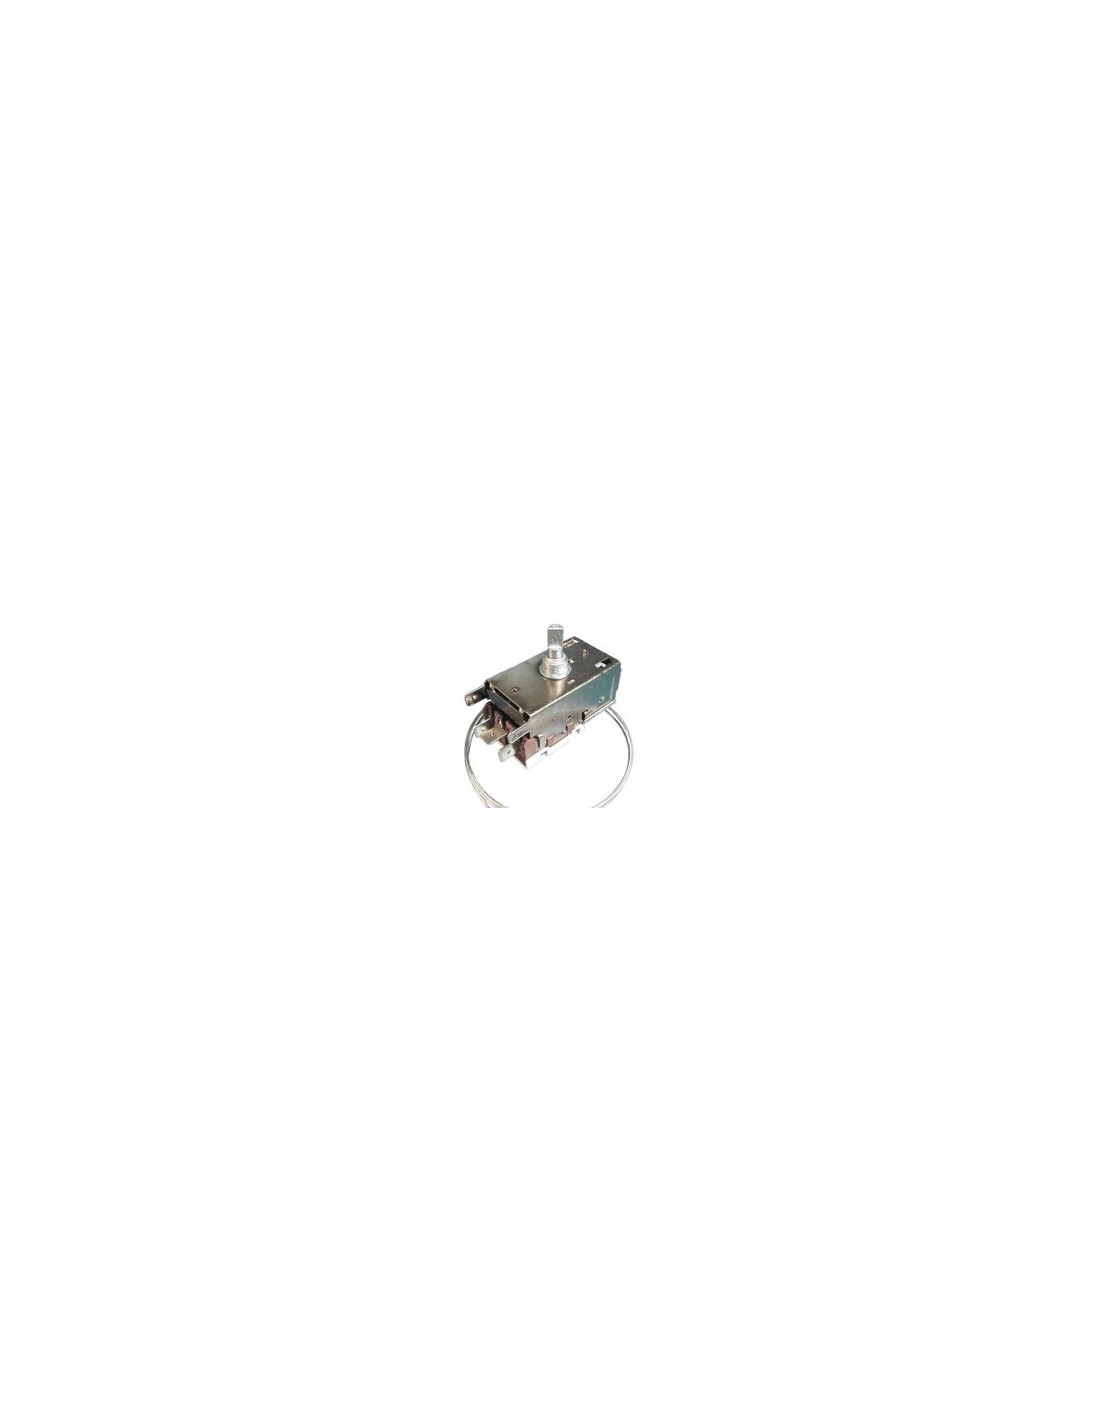 ELM02149 - Tillbehör och reservdelar vätskekylt - Termostat TS RANCO K50-L3100